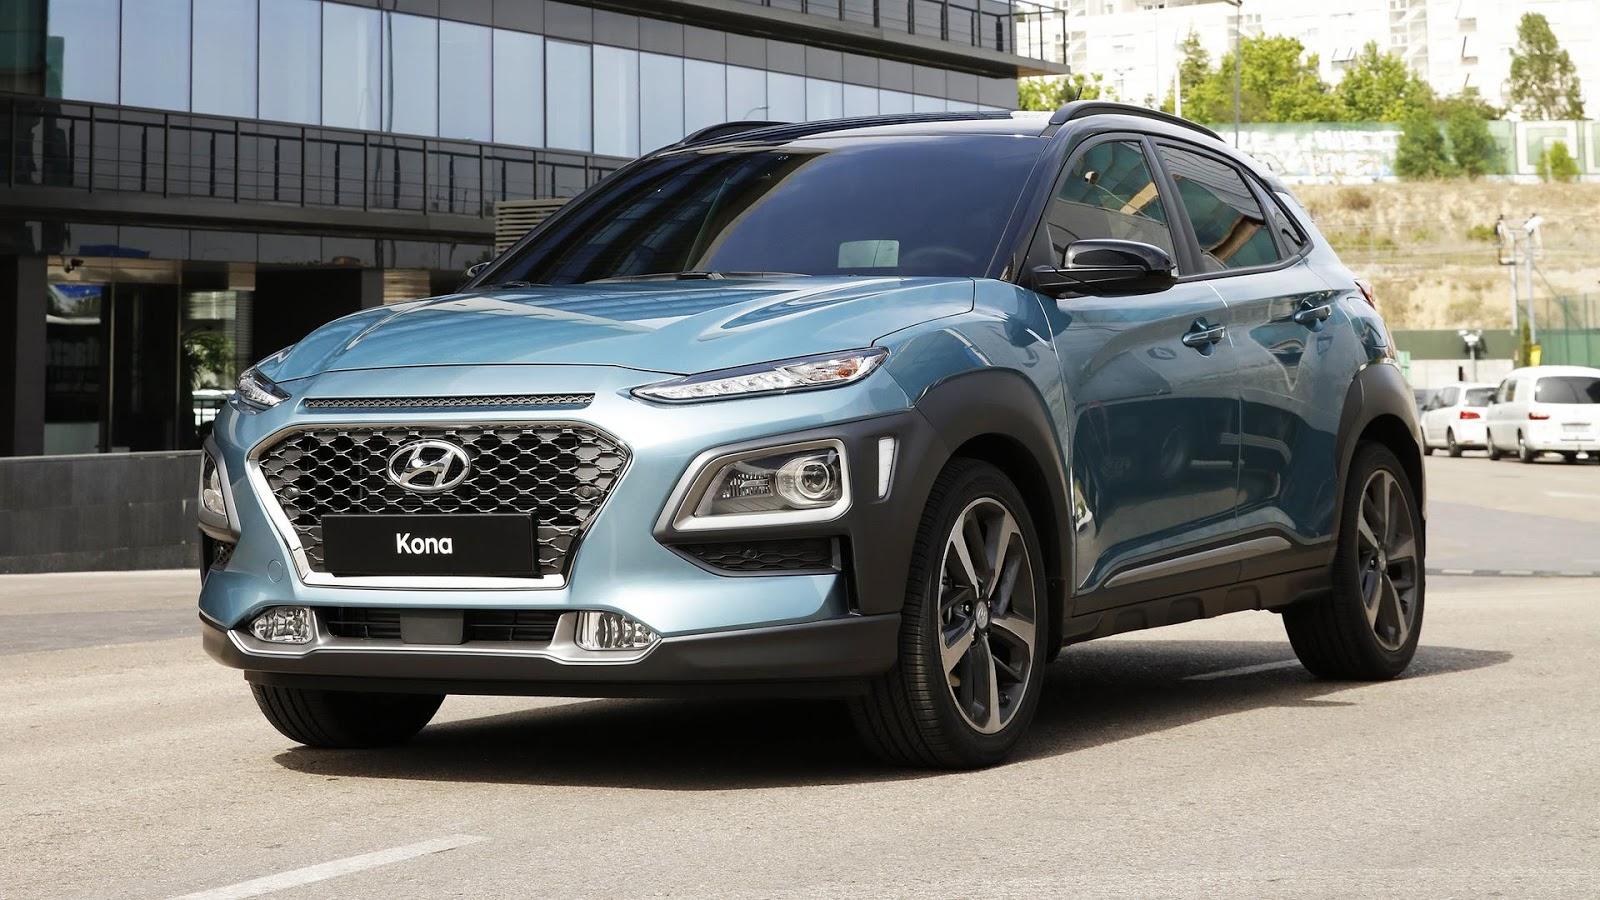 2018_Hyundai_Kona_03